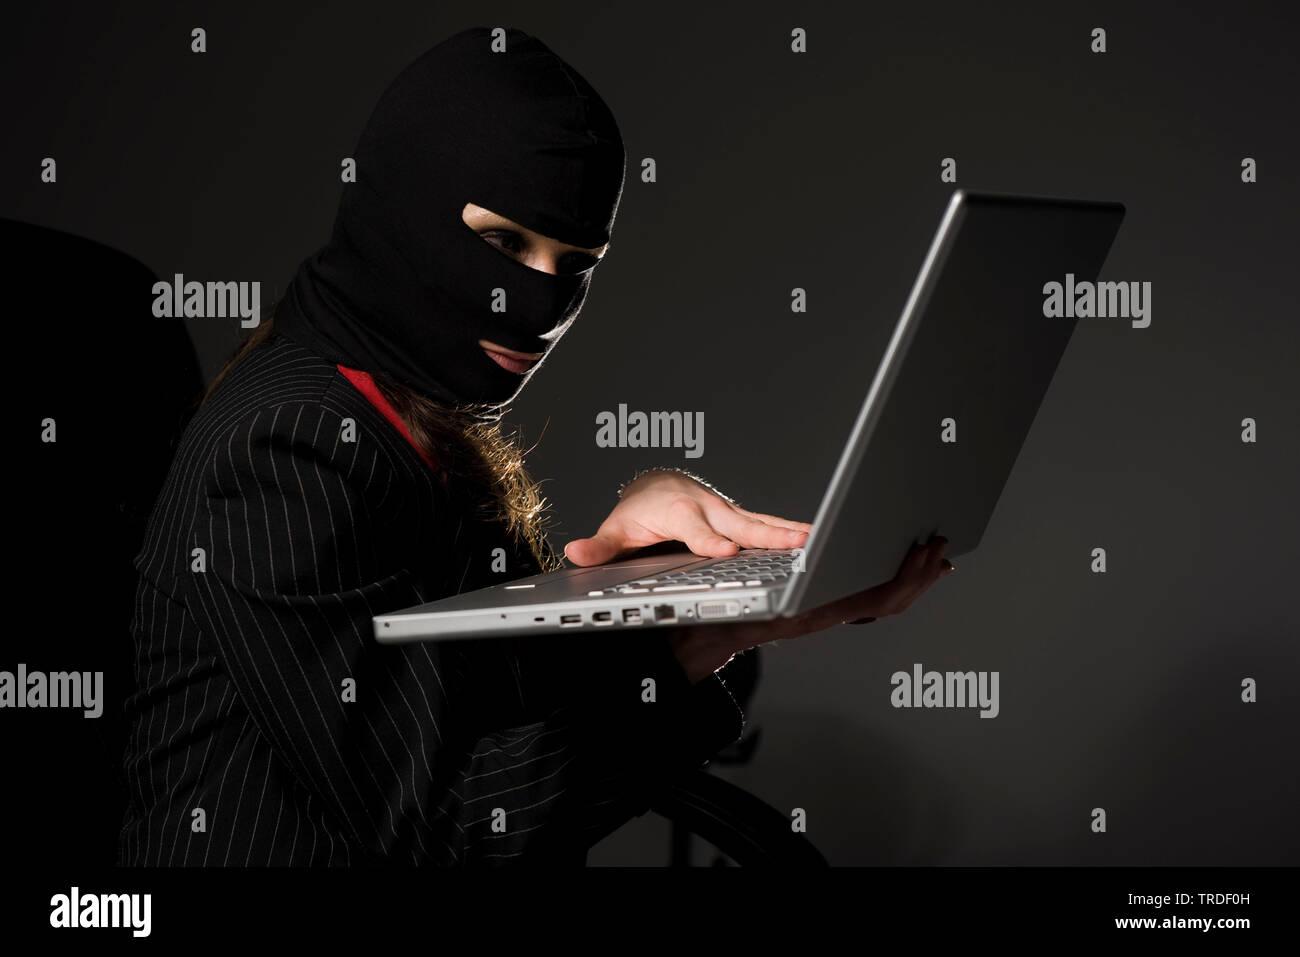 Portraet einer attraktiven Geschaeftsfrau, mit Skimaske auf einem Laptop arbeitend / Internetkriminalitaet | Portrait of an attractive Business woman - Stock Image